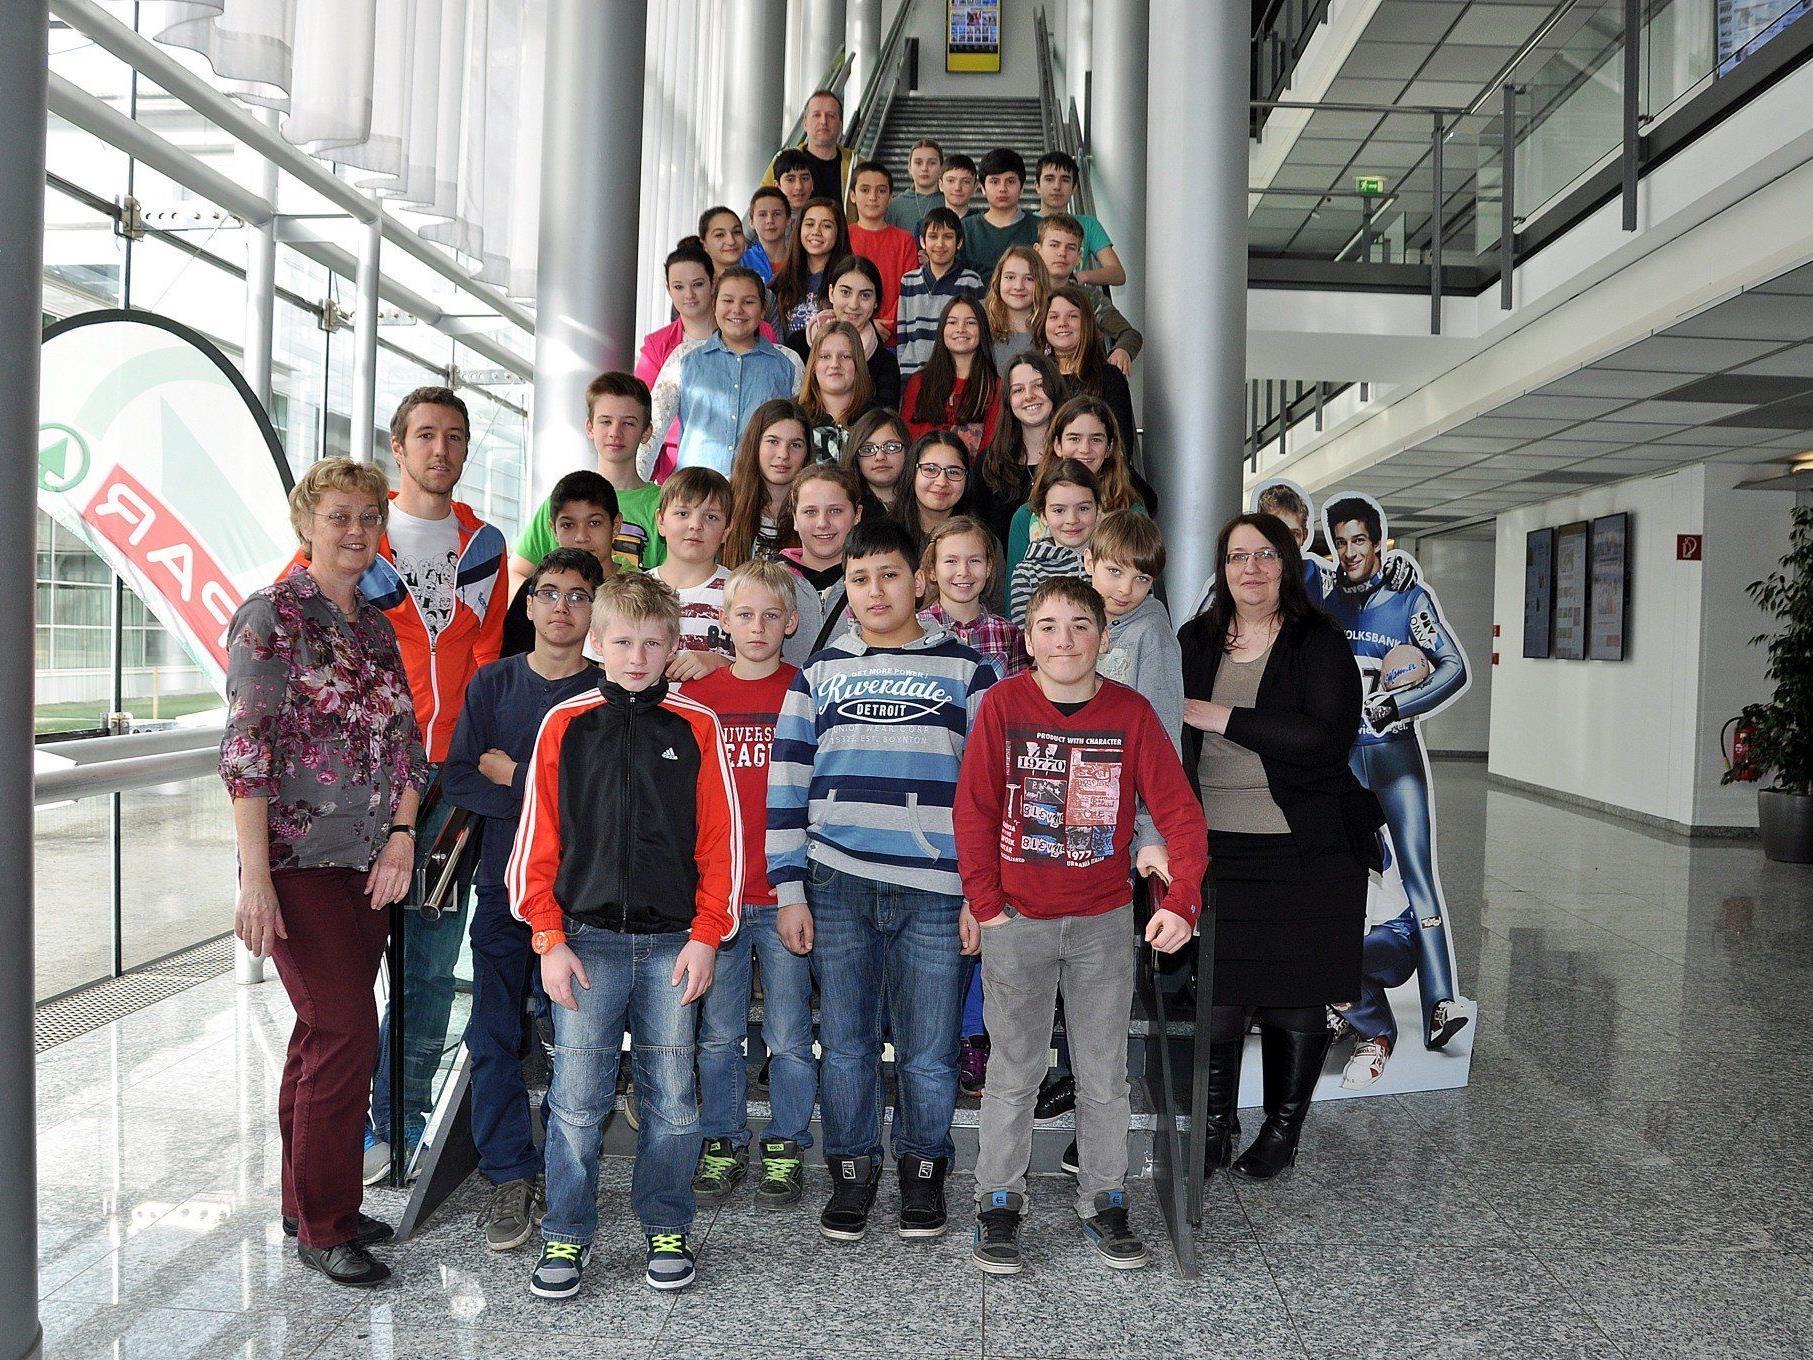 Die Klassen 2a und 2c der Mittelschule Höchst bekamen einen Einblick in die heimische Medienlandschaft.